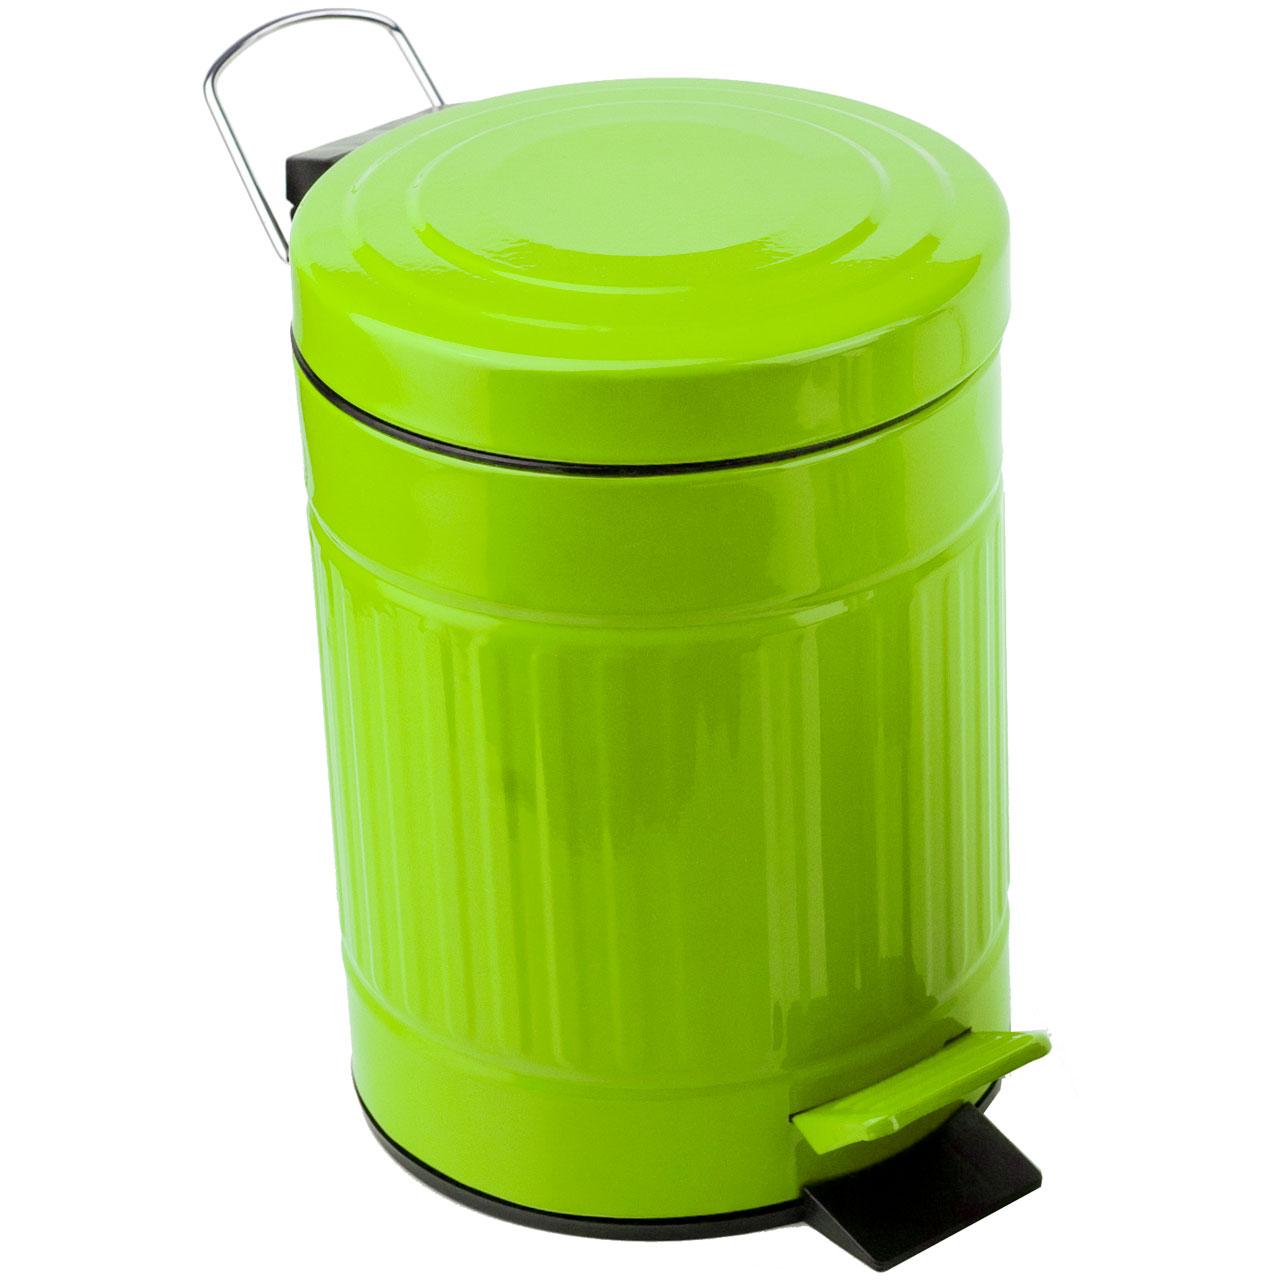 Plåtis Lime Green Pedal Bin